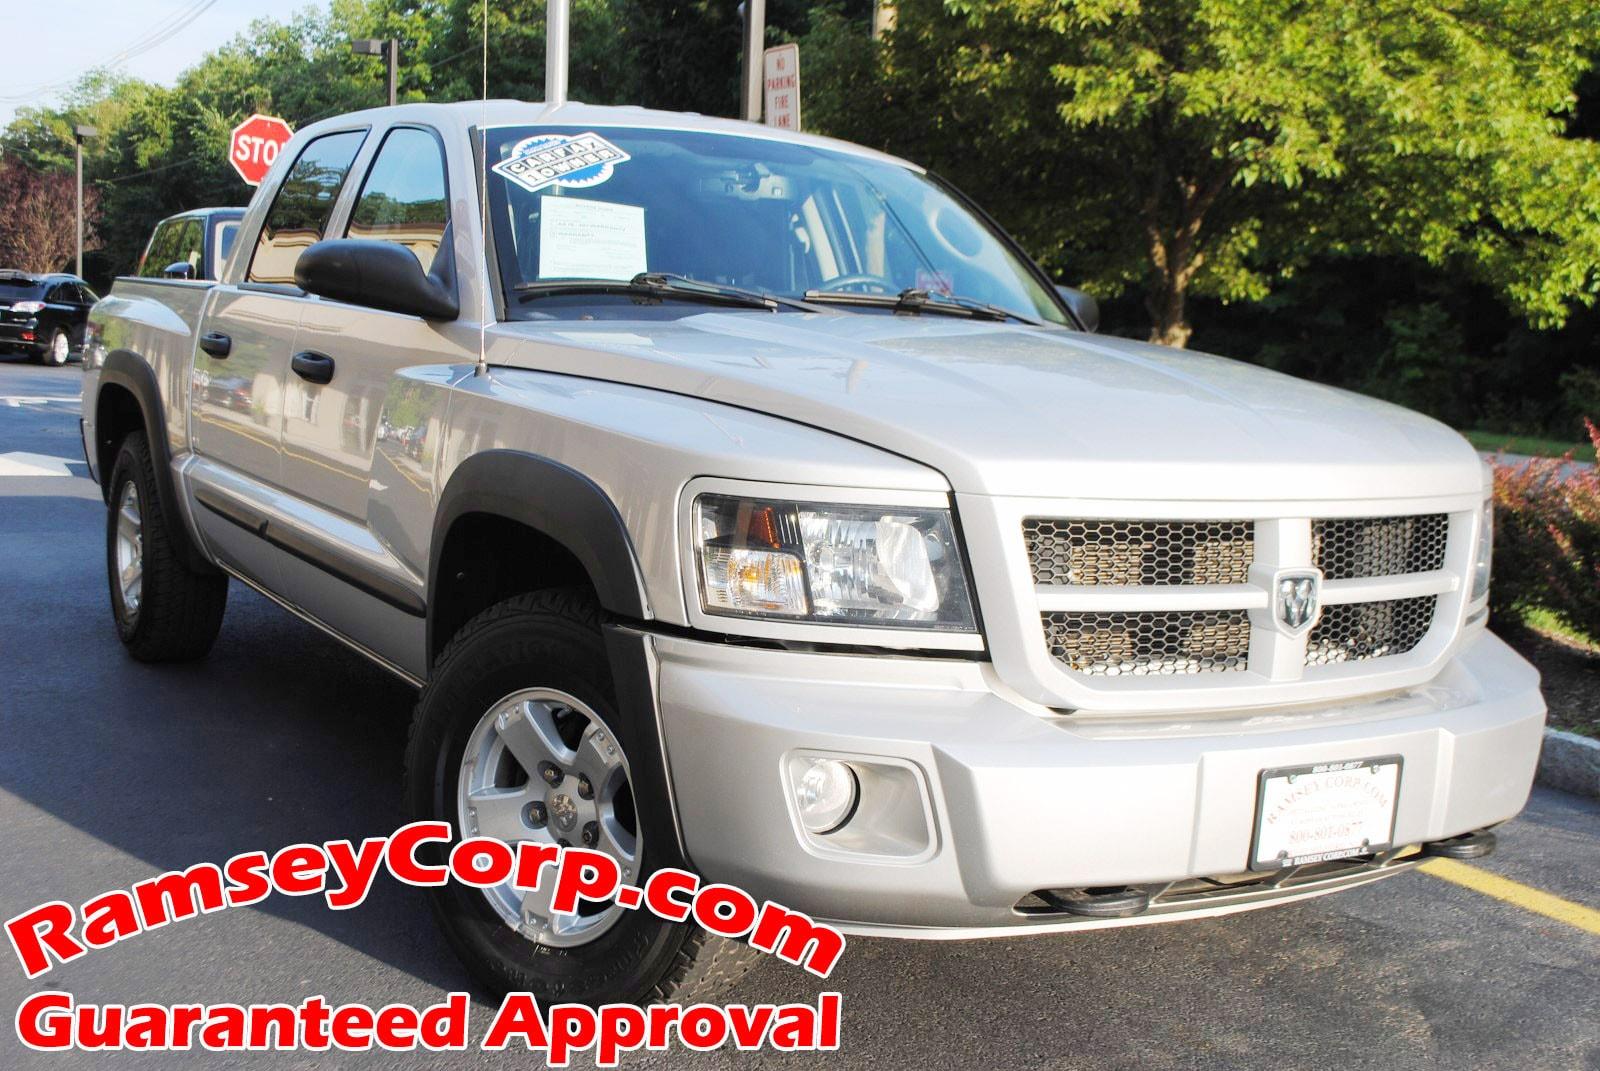 Used 2008 Dodge Dakota For Sale At Ramsey Corp Vin 1d7hw78n68s619394 1941 Truck Headliner